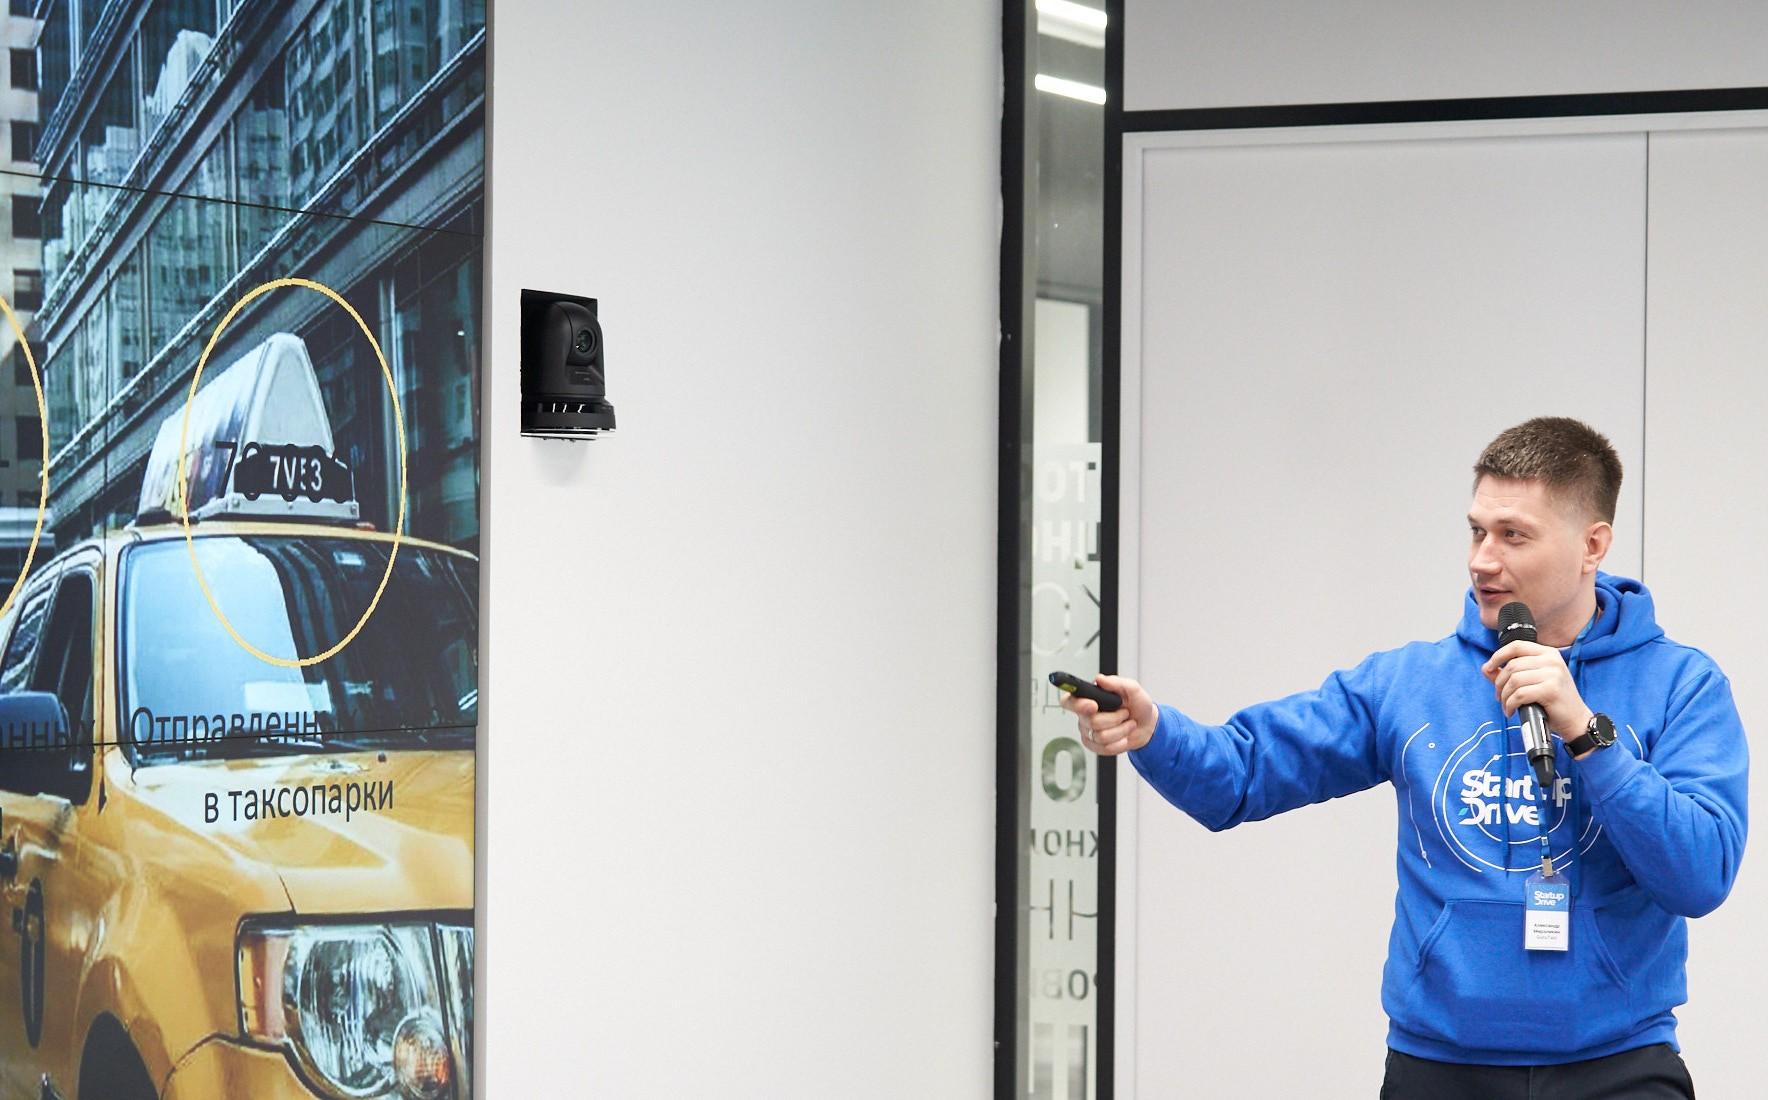 [Из песочницы] Как развивались бизнес-инкубаторы и акселераторы: от лаборатории Томаса Эдисона до Y Combinator